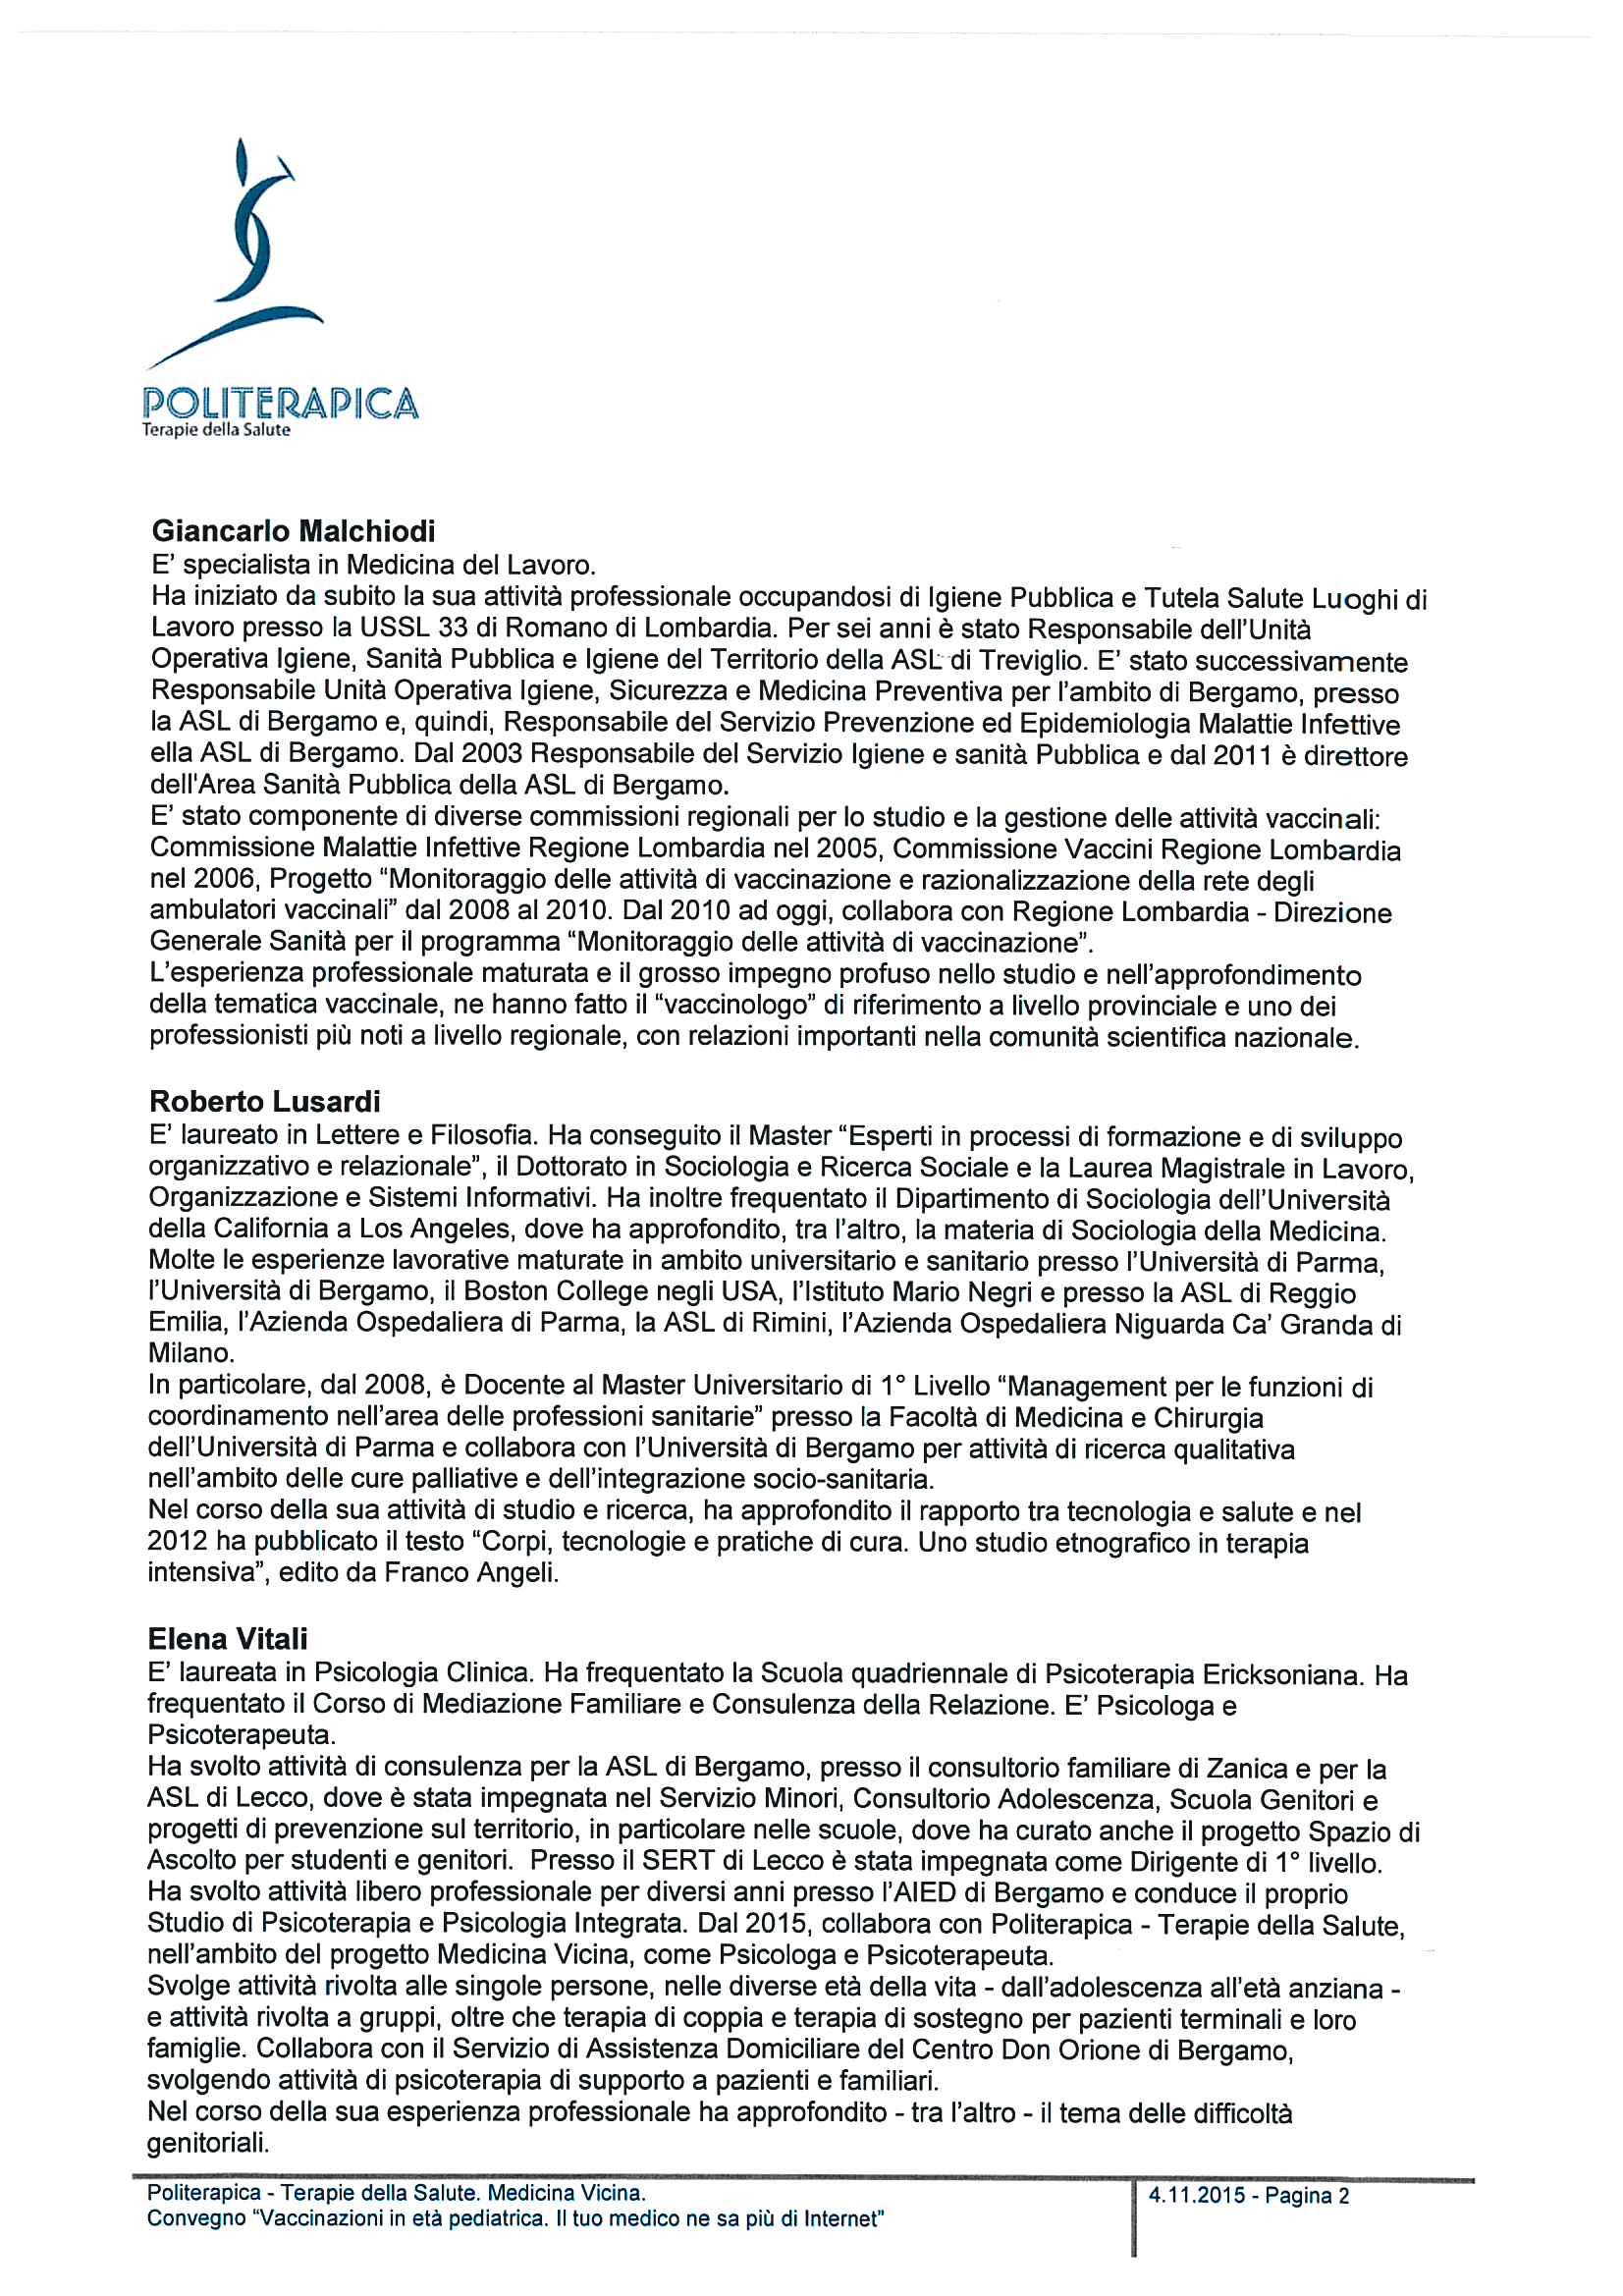 Convegno - Vaccinazioni in età pediatrica - Profilo relatori - 15.11.12 - 2